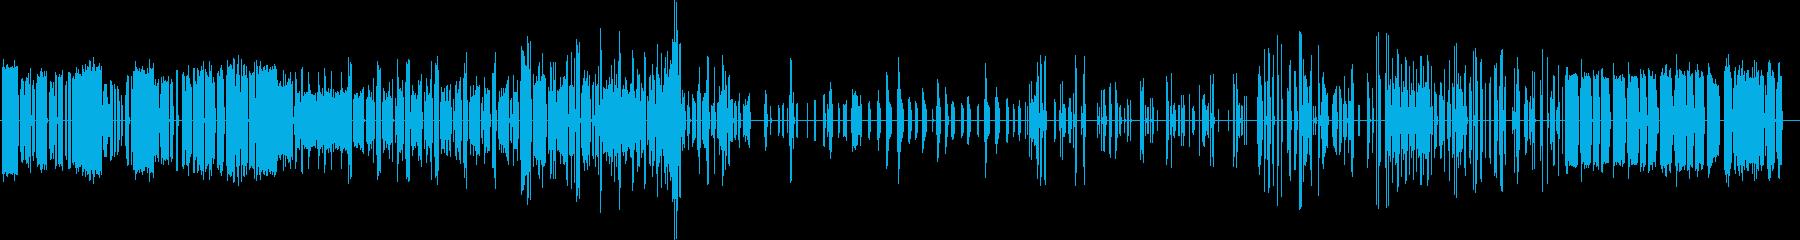 ロボットの誤作動音の再生済みの波形